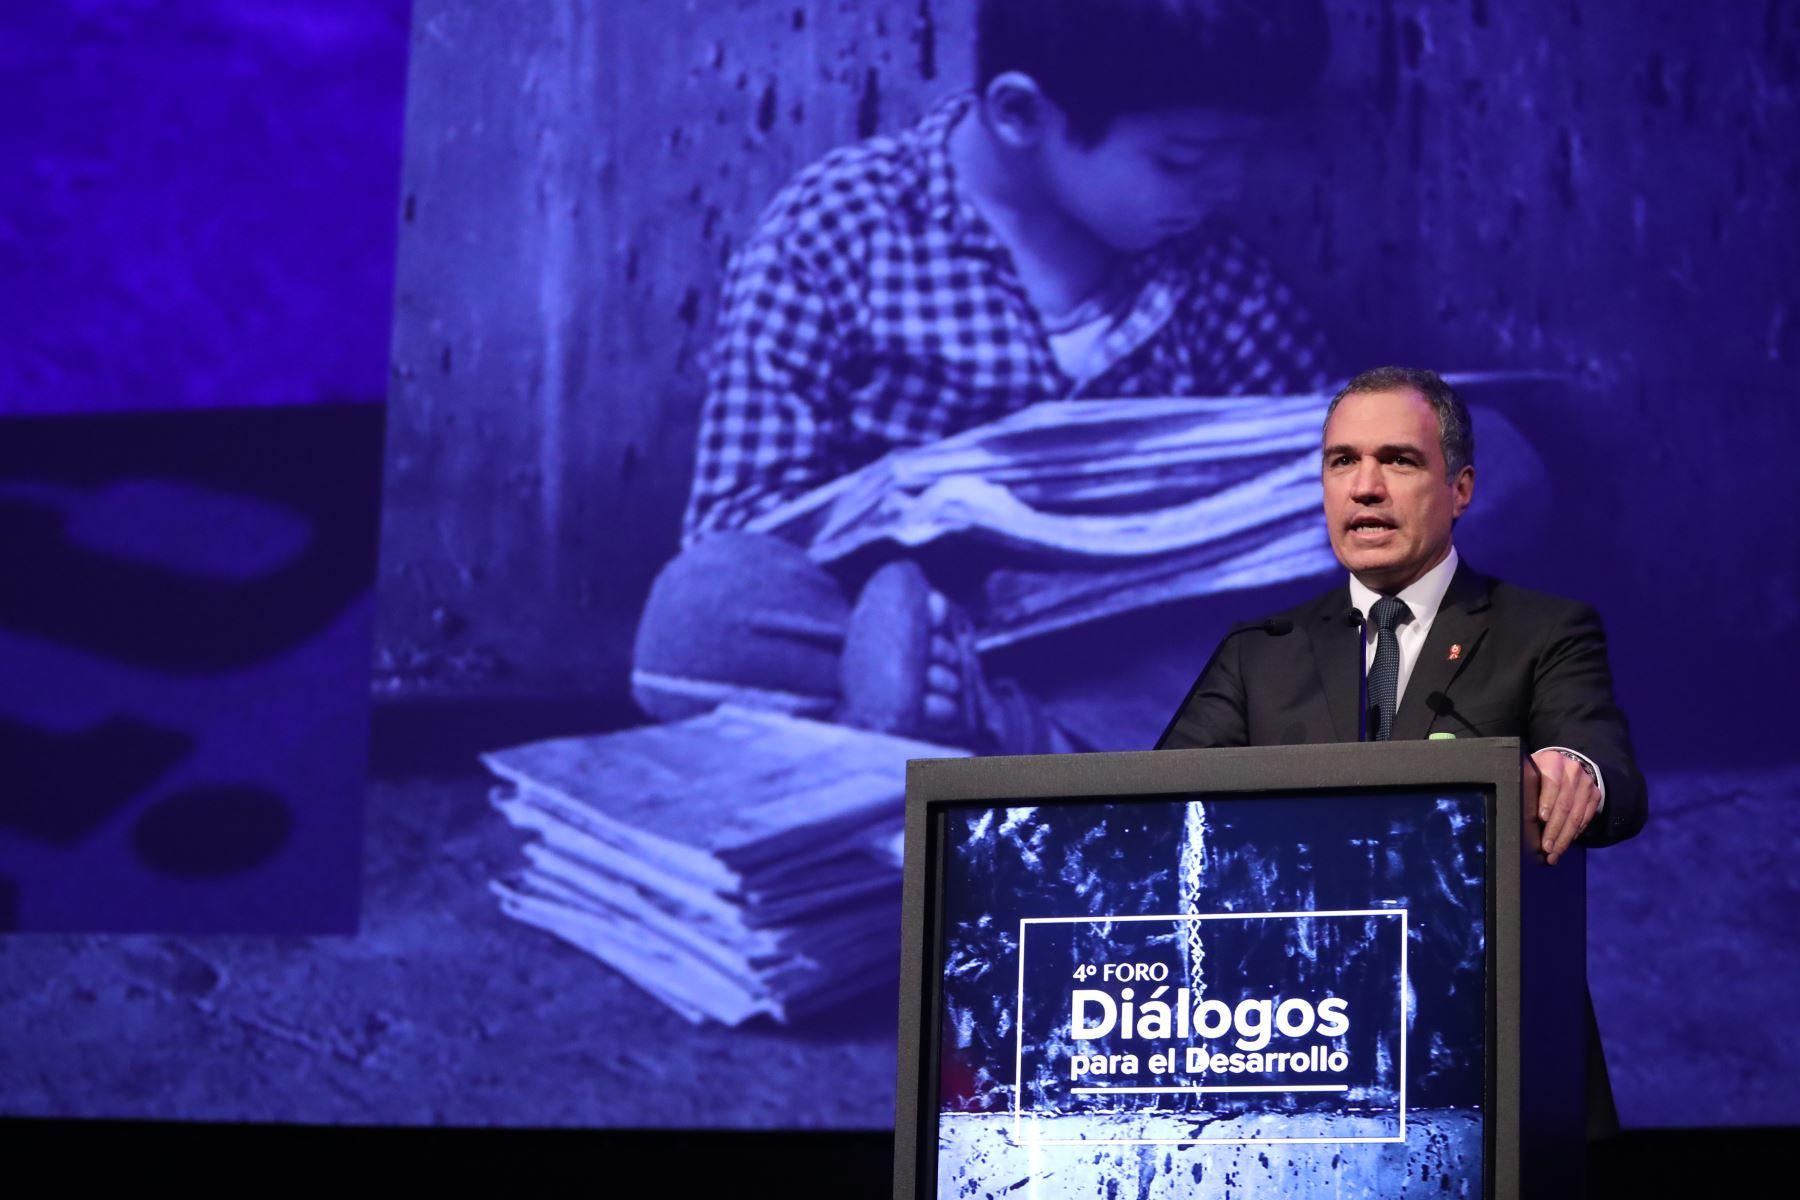 Presidente del Consejo de Ministros, Del Solar clausura  el 4° foro Diálogos para el Desarrollo. Foto: PCM